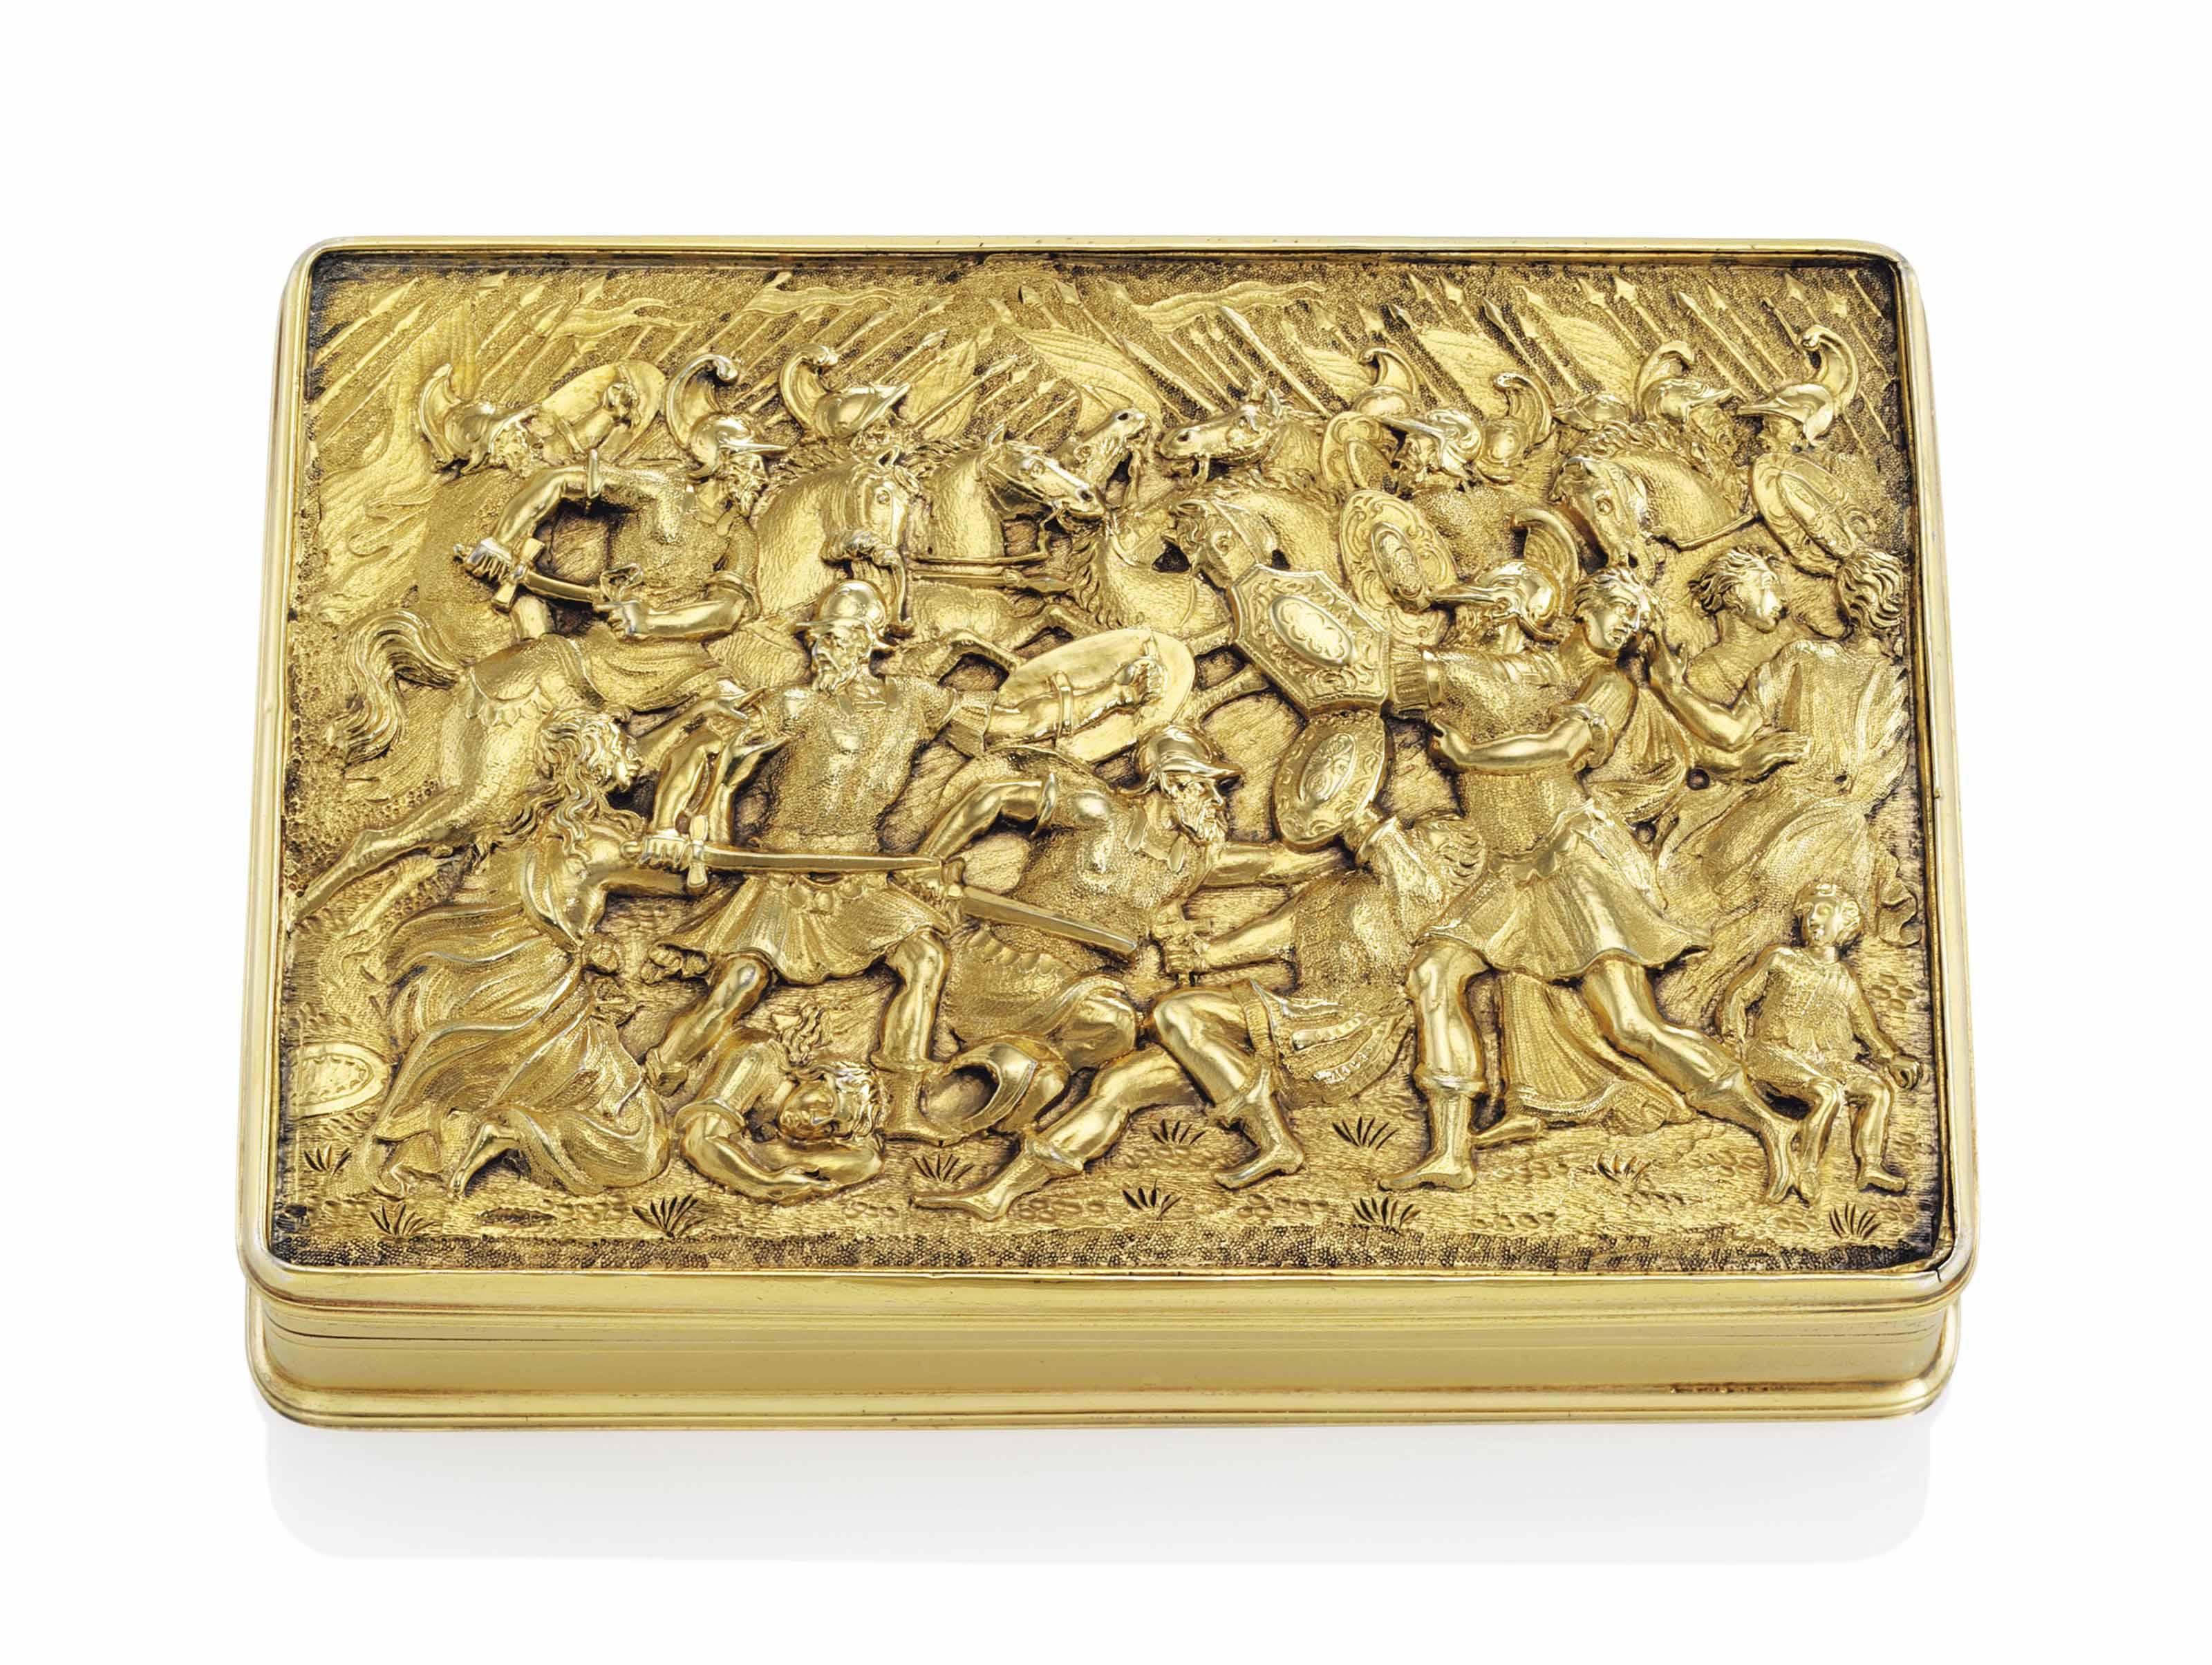 A GEORGE IV SILVER-GILT PRESENTATION SNUFF-BOX